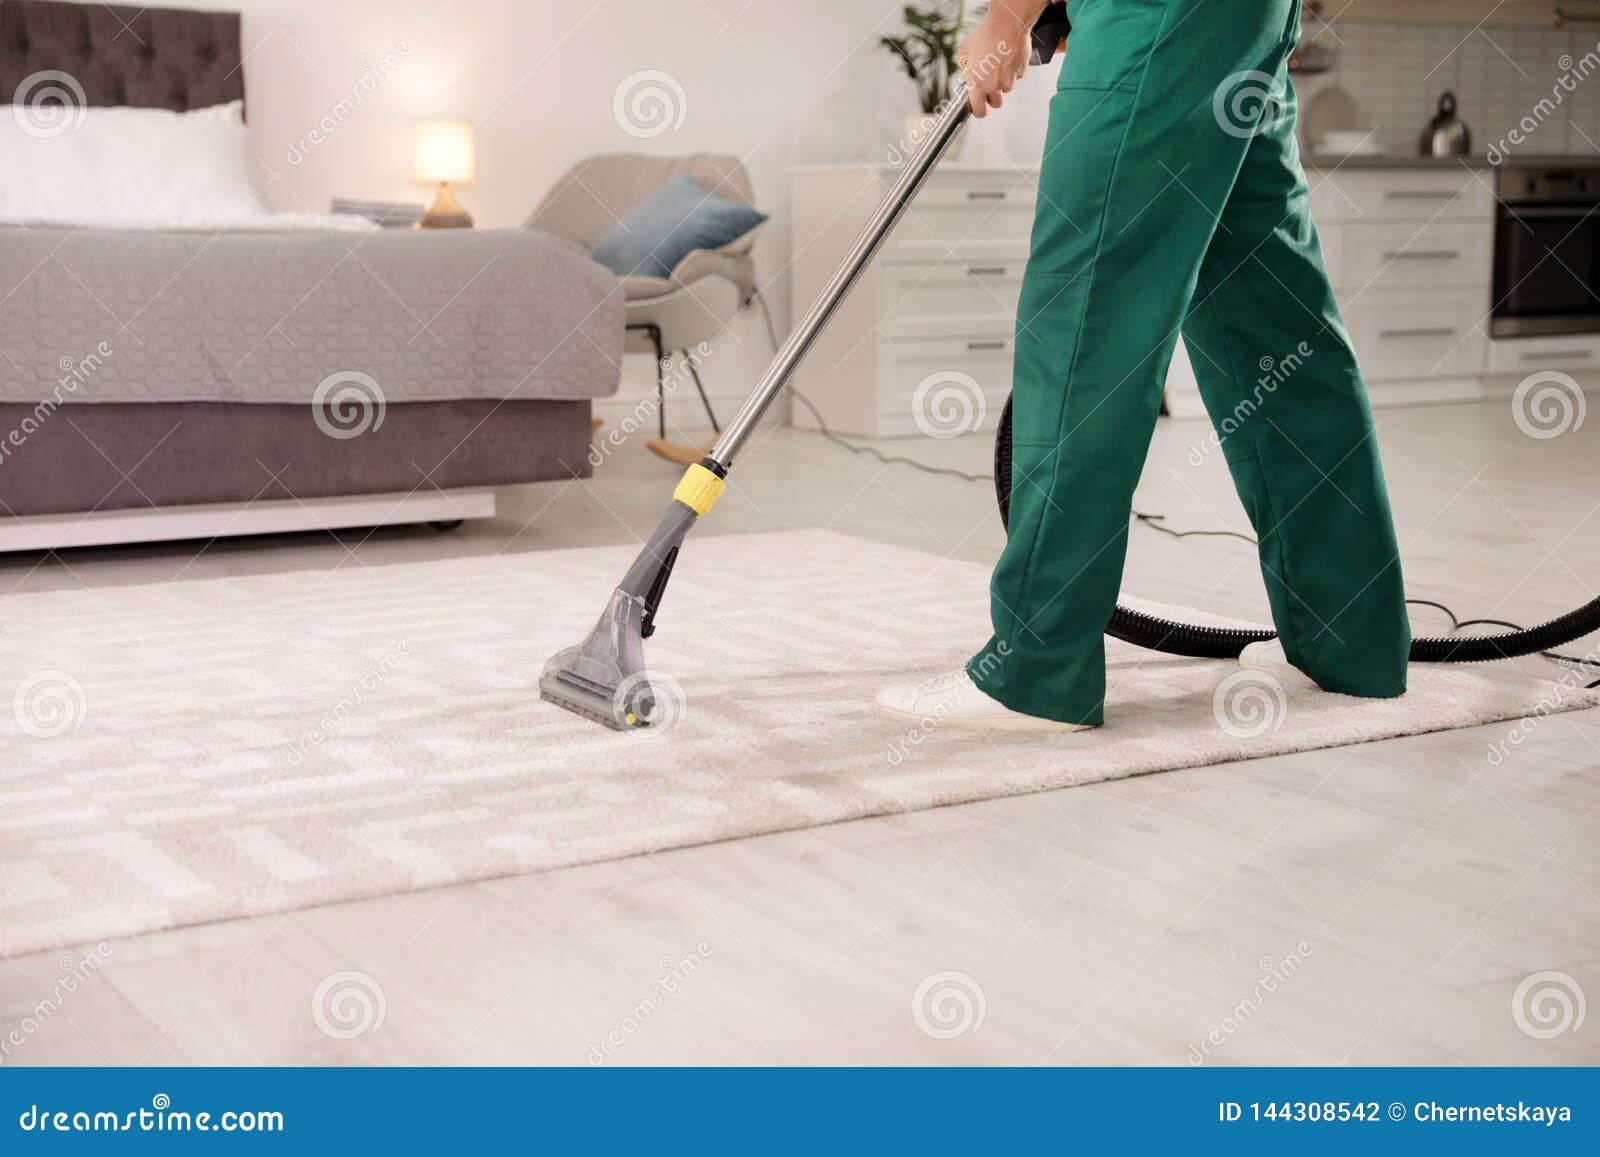 Professioneel portier schoonmakend tapijt binnenshuis